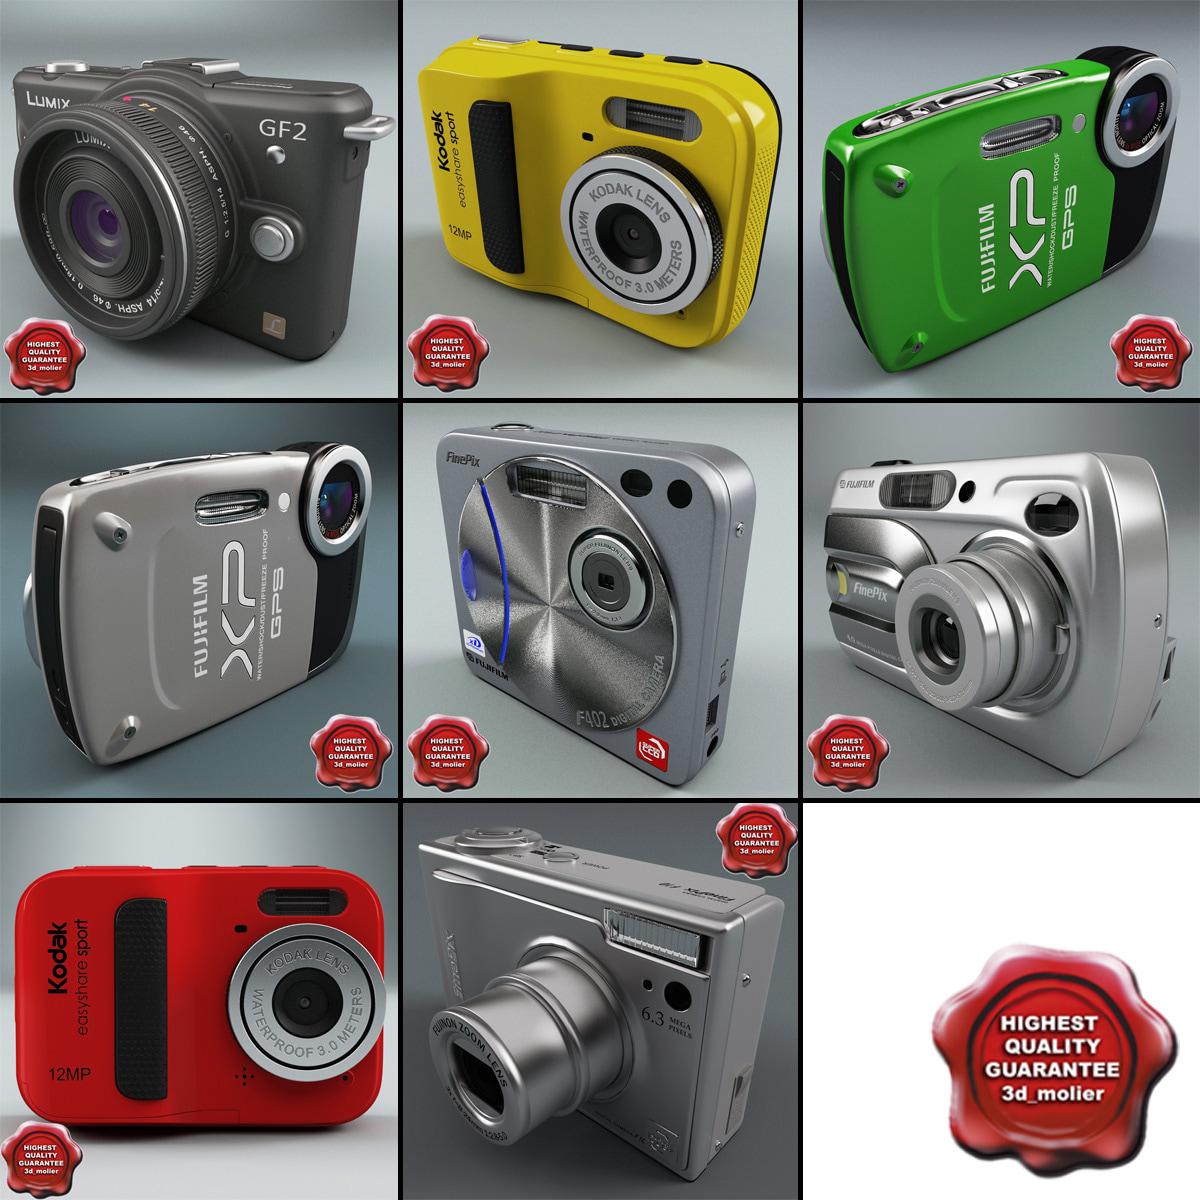 Digital_Cameras_Collection_V7_000.jpg